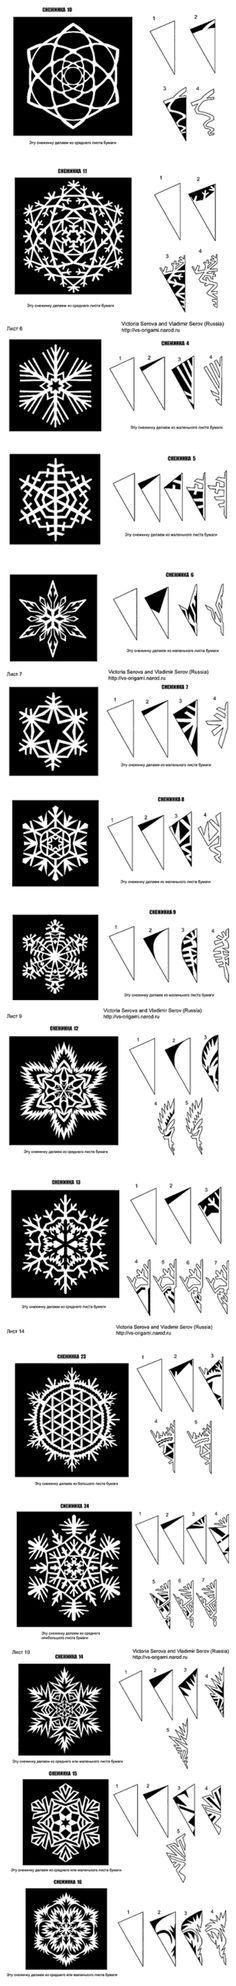 Moldes para fazer mandala de papel passo a passo